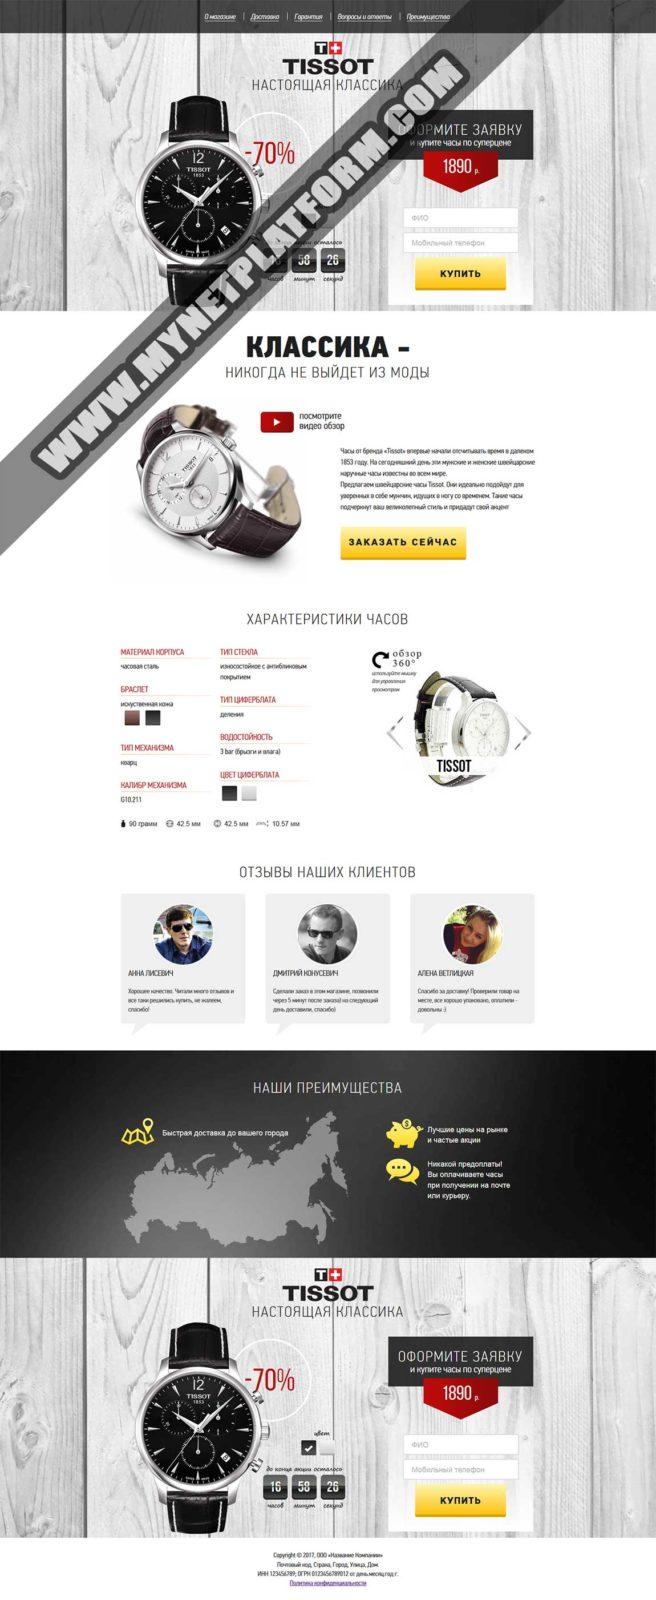 Скриншот Готового лендинга Tissot часы - настоящая классика 001